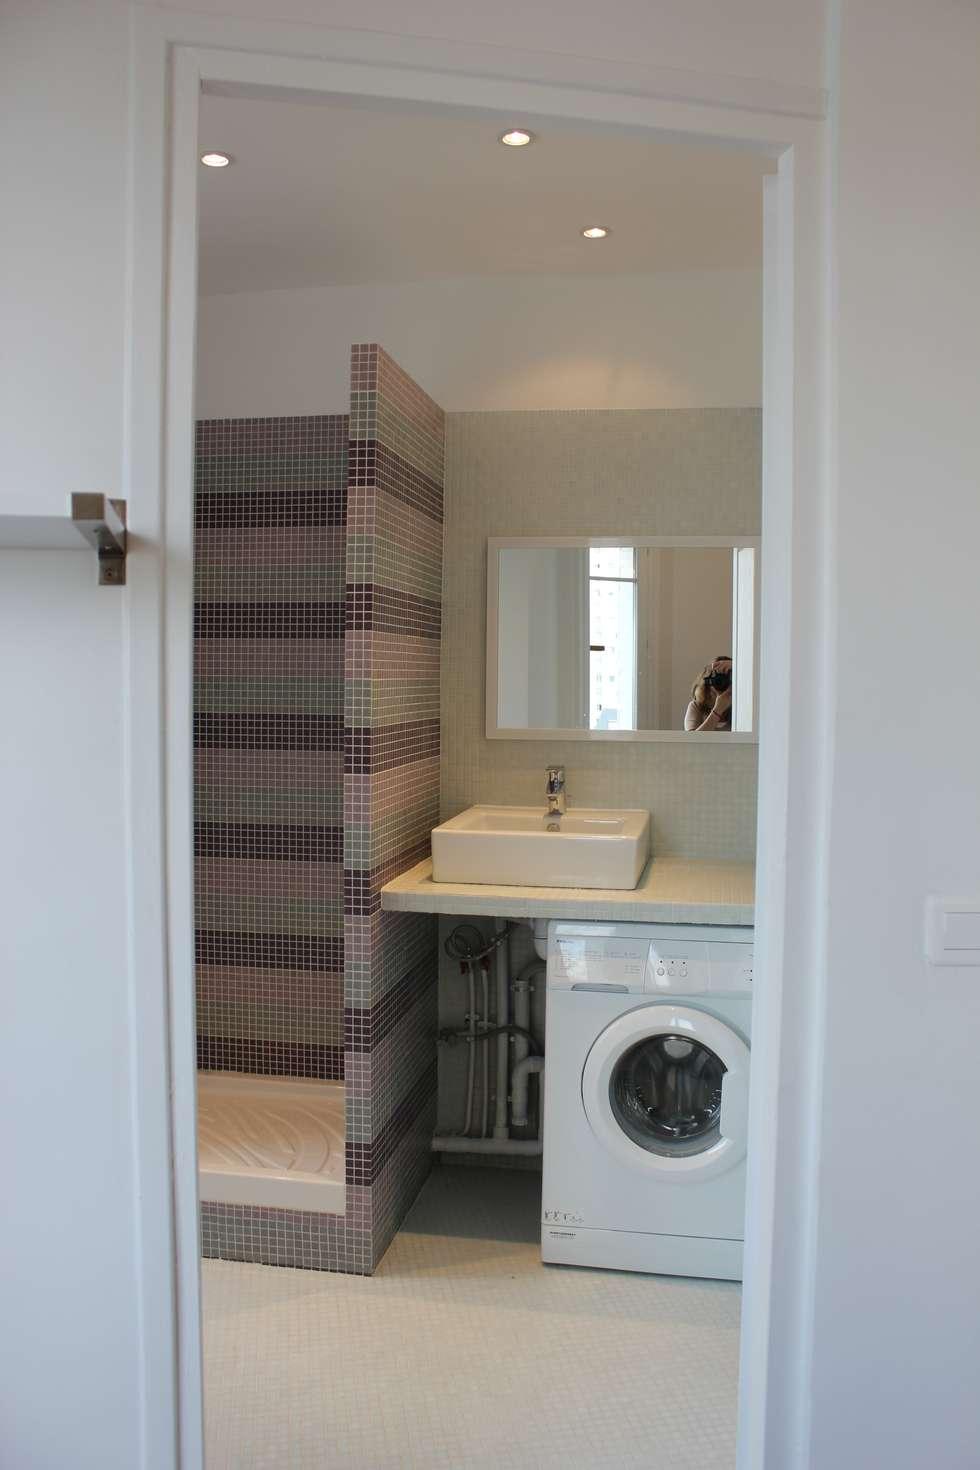 salle de bain : Salle de bains de style  par monicacordova